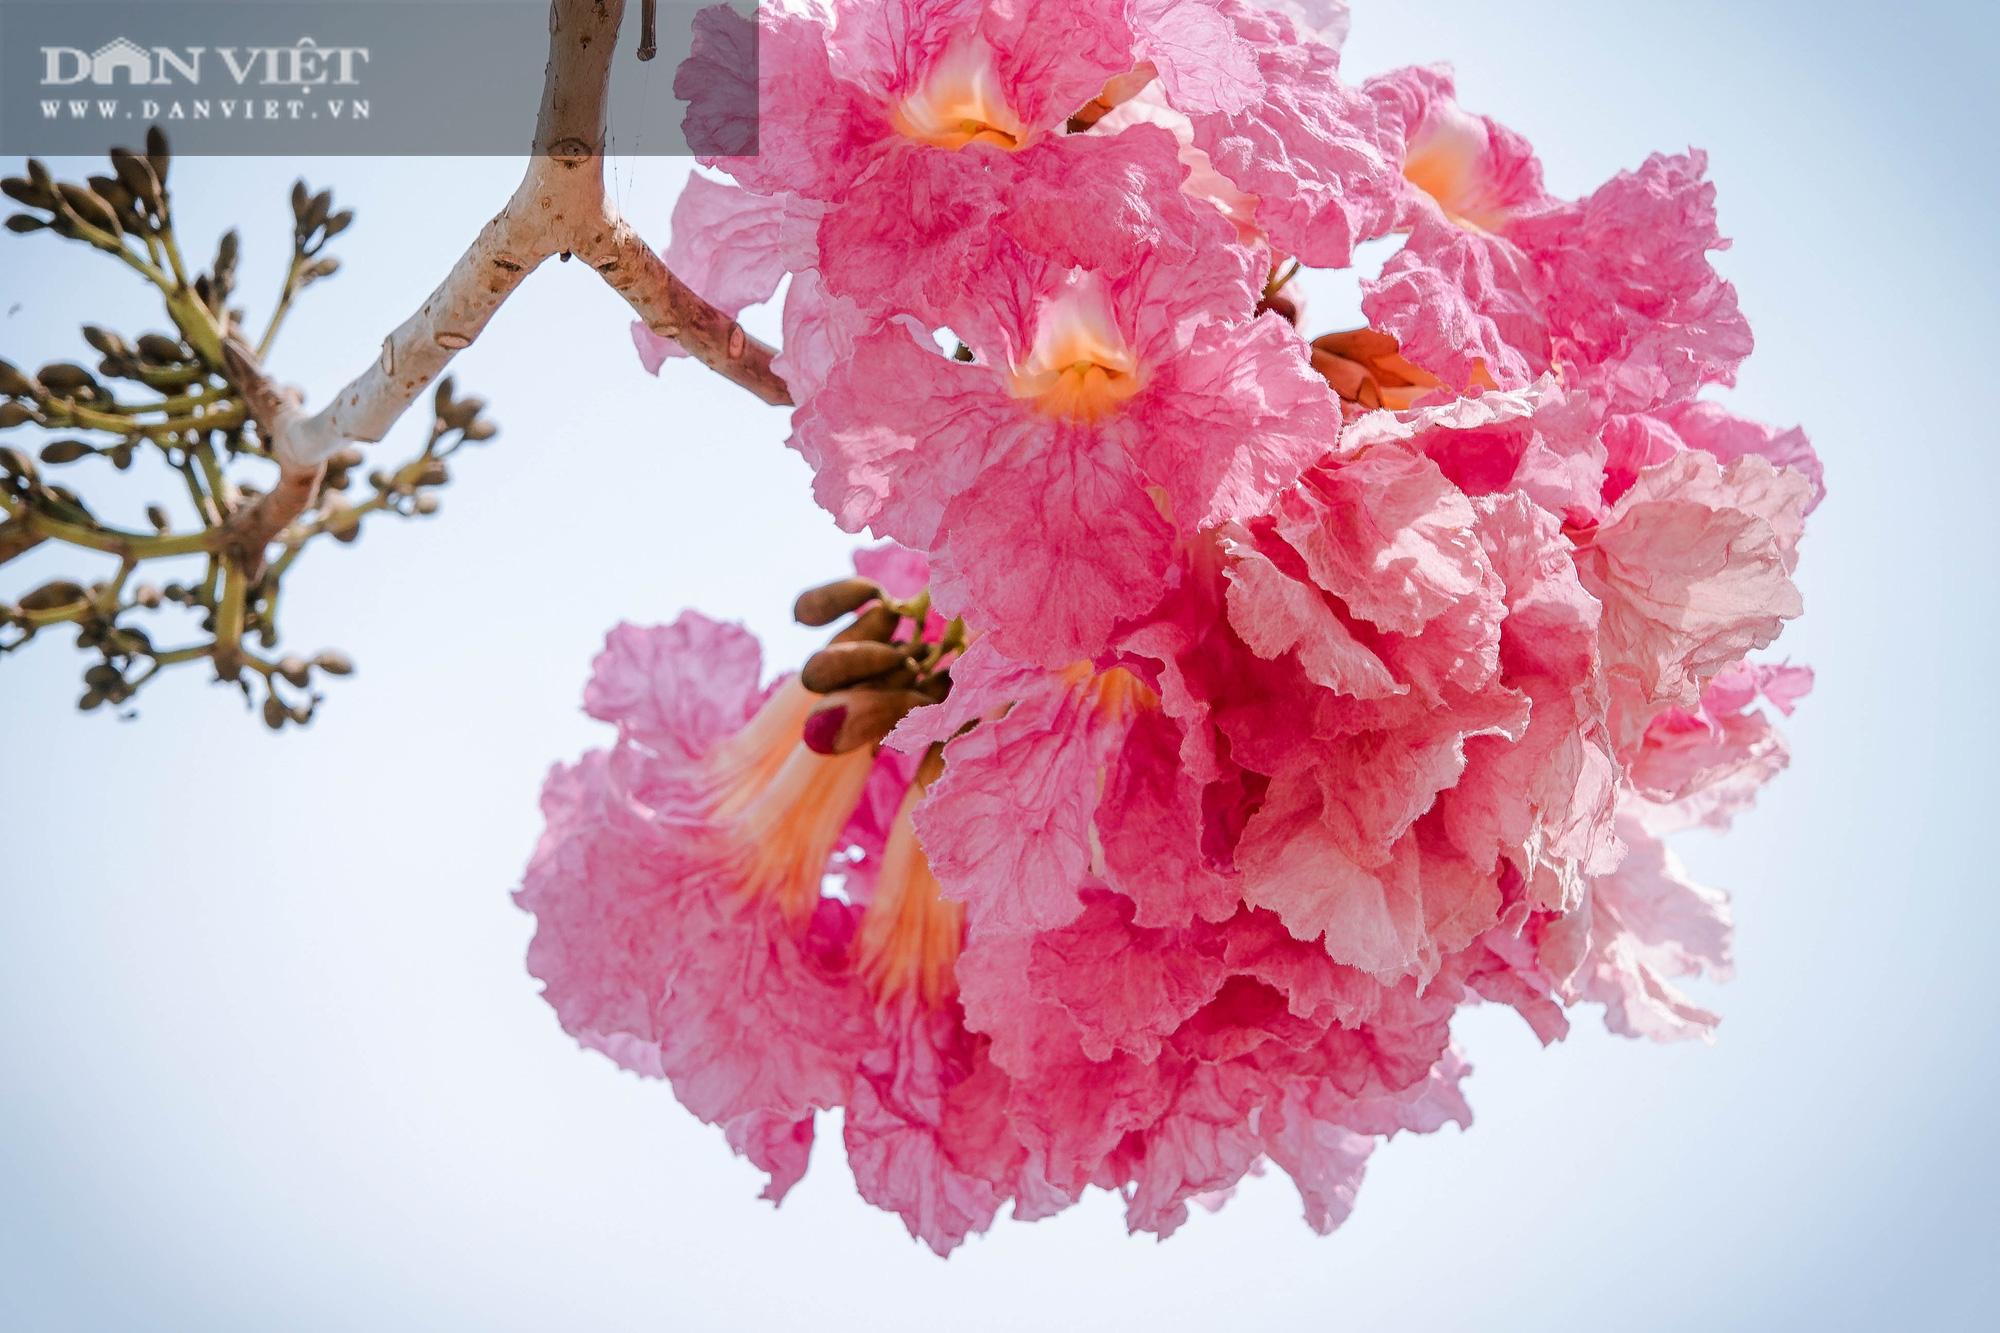 Giới trẻ đổ xô check in tại con đường hoa kèn hồng đẹp như phim Hàn Quốc ở miền Tây - Ảnh 8.